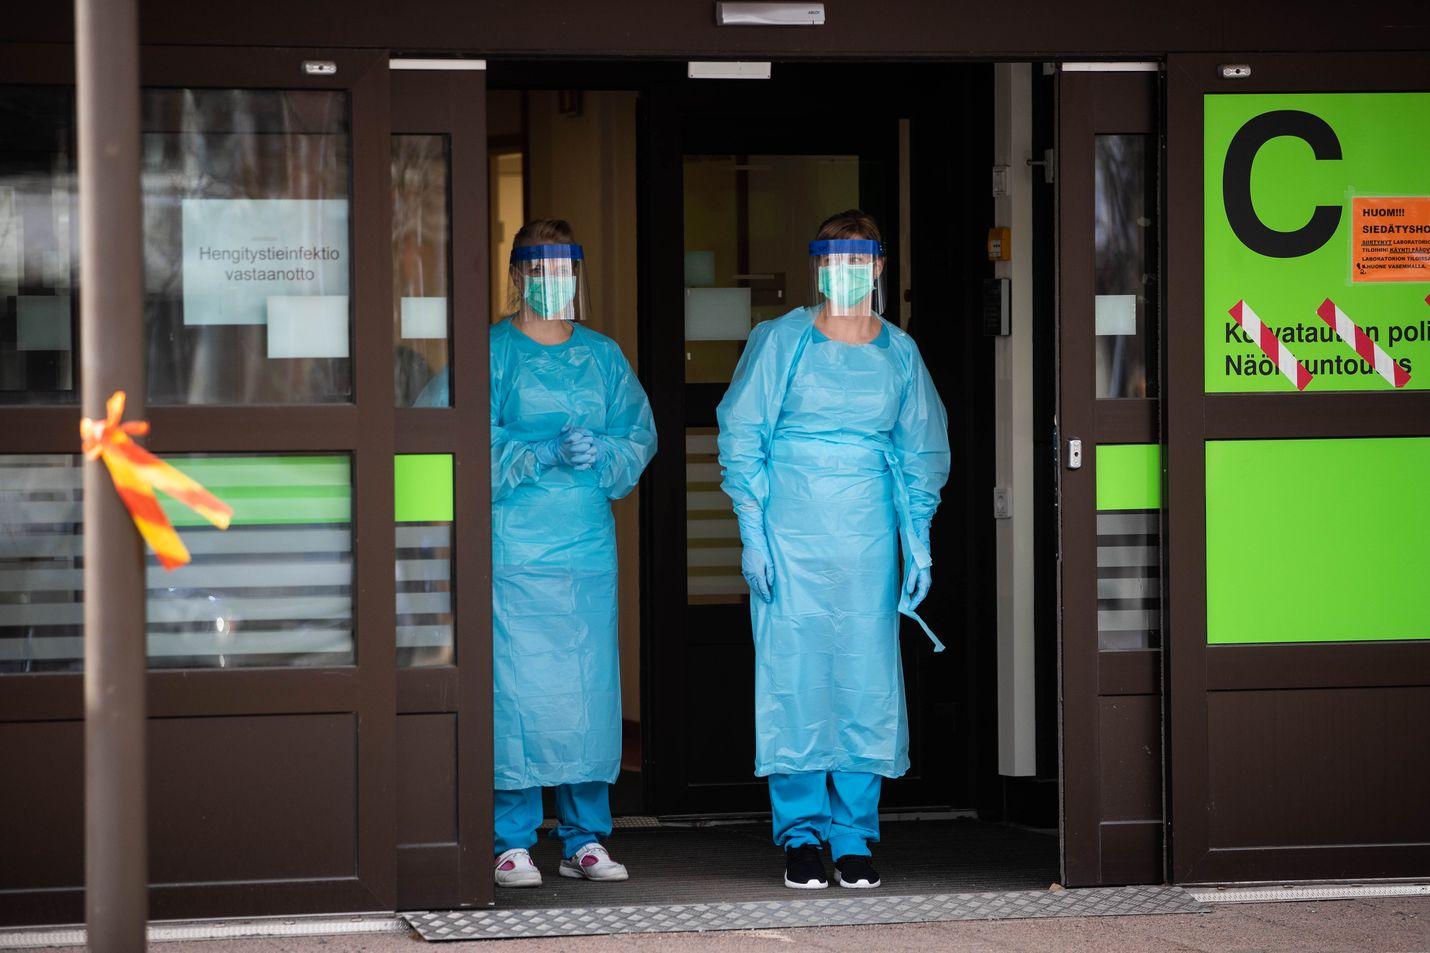 Koronatestausta jatketaan edelleen matalalla kynnyksellä, jotta tartuntaketjut saadaan katkaistua. Keväällä Fimlabin hoitajat hakivat potilaat tutkimukseen täydessä suojapuvussa yksi kerrallaan Hatanpään sairaalan edestä Tampereella.